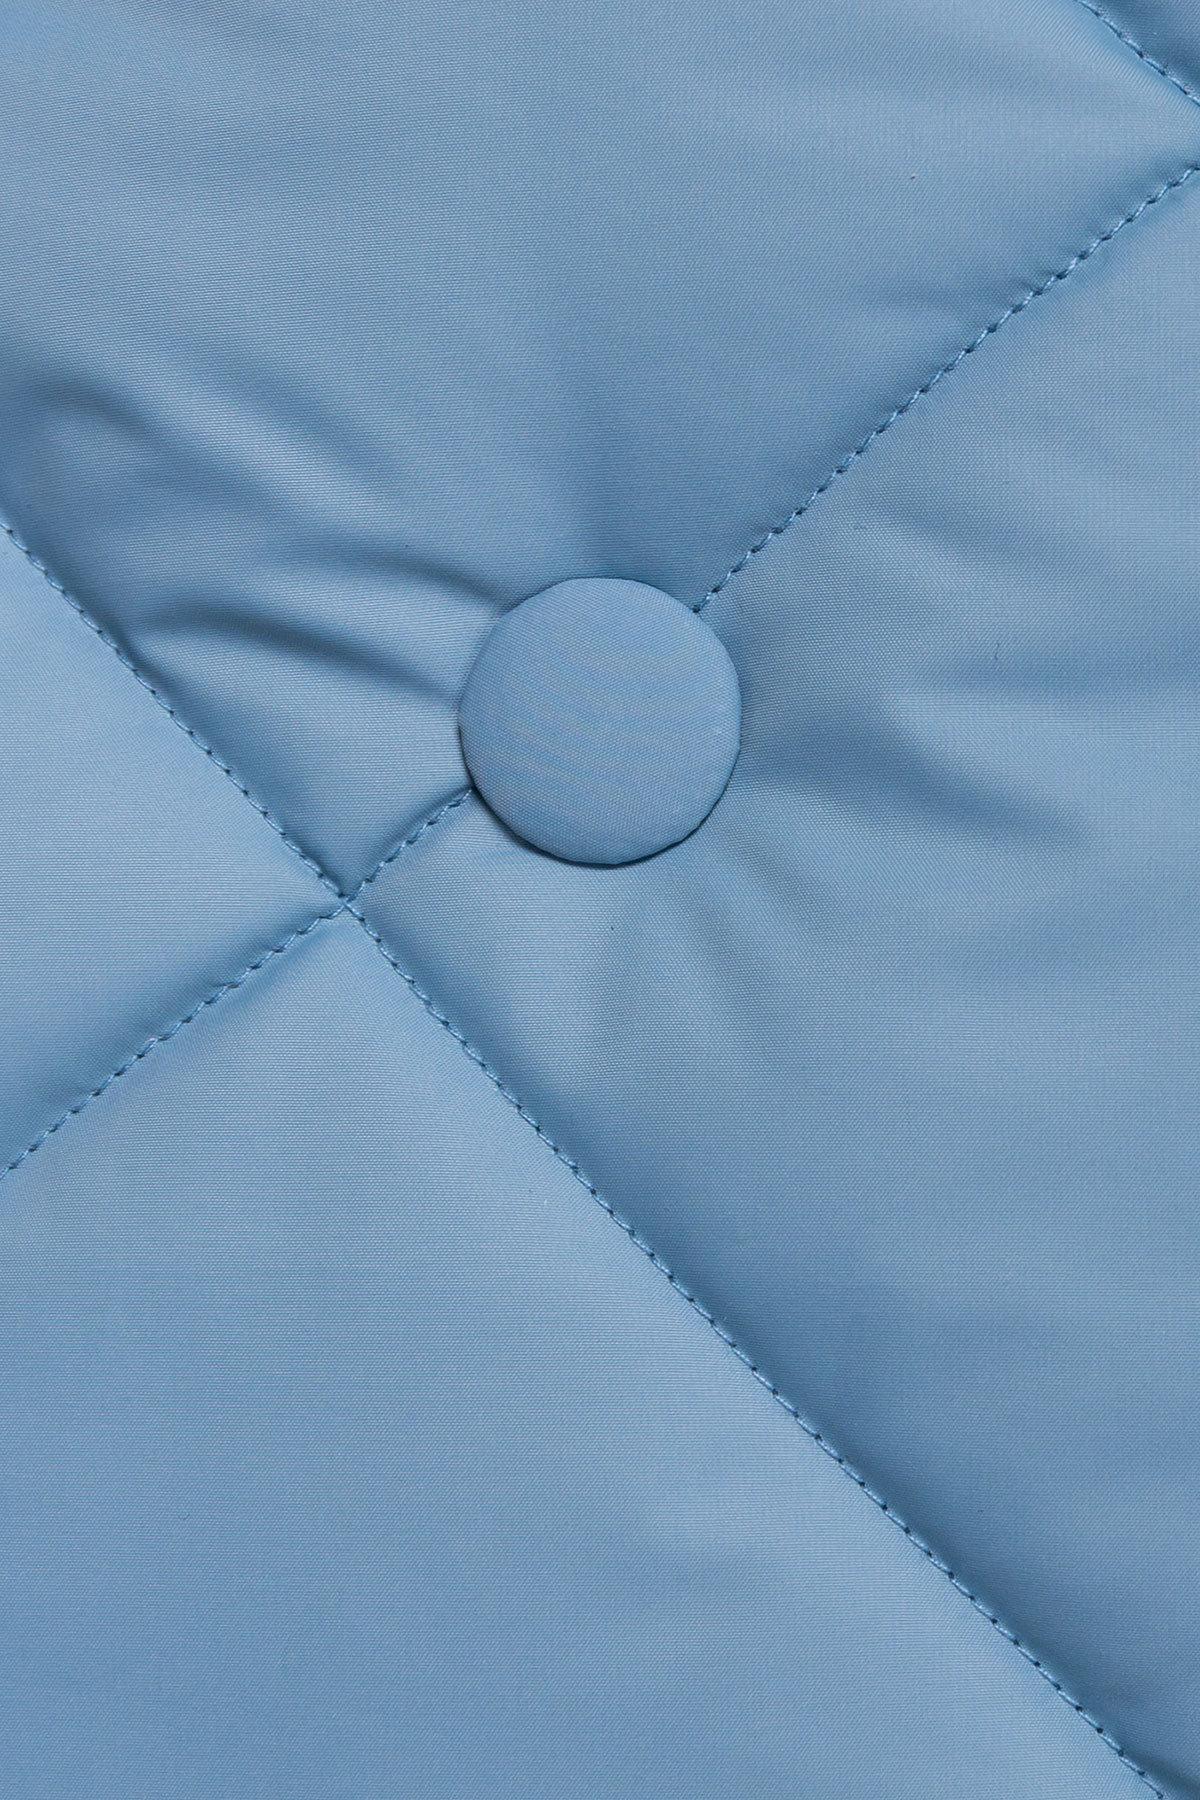 Стеганое демисезонное пальто-куртка Сандра 4526 АРТ. 21524 Цвет: Голубой - фото 5, интернет магазин tm-modus.ru